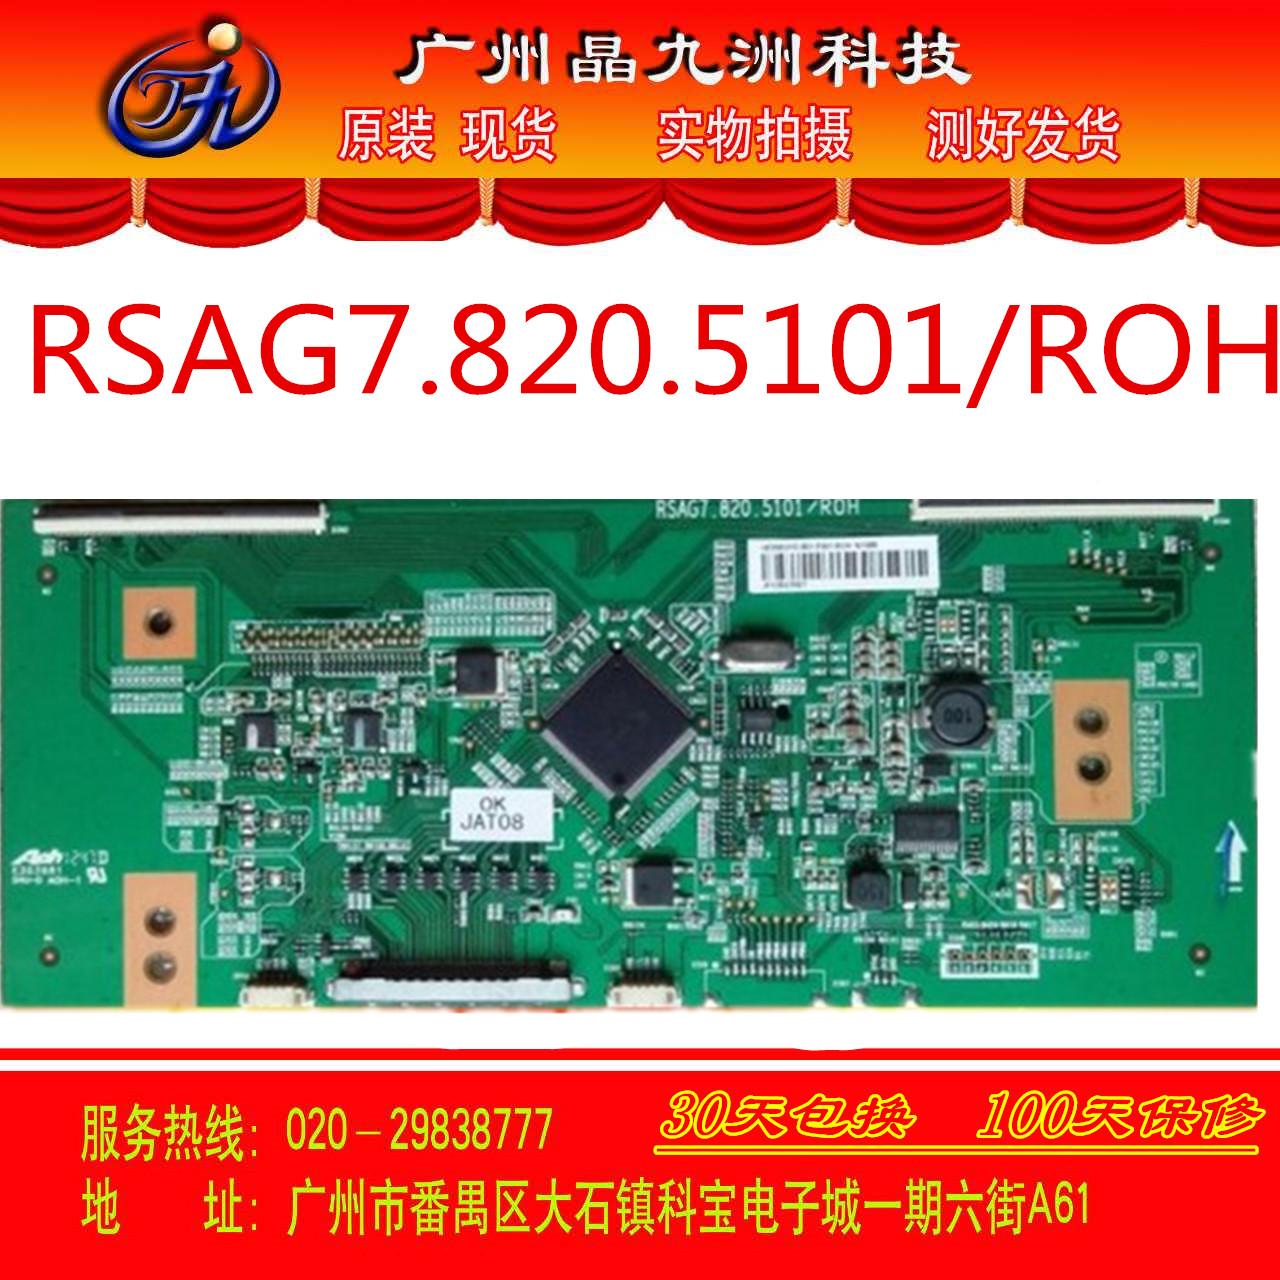 Оригинал hisense RSAG7.820.5101/ROH логика редактировать доска LED55K360X3D сейчас в надичии